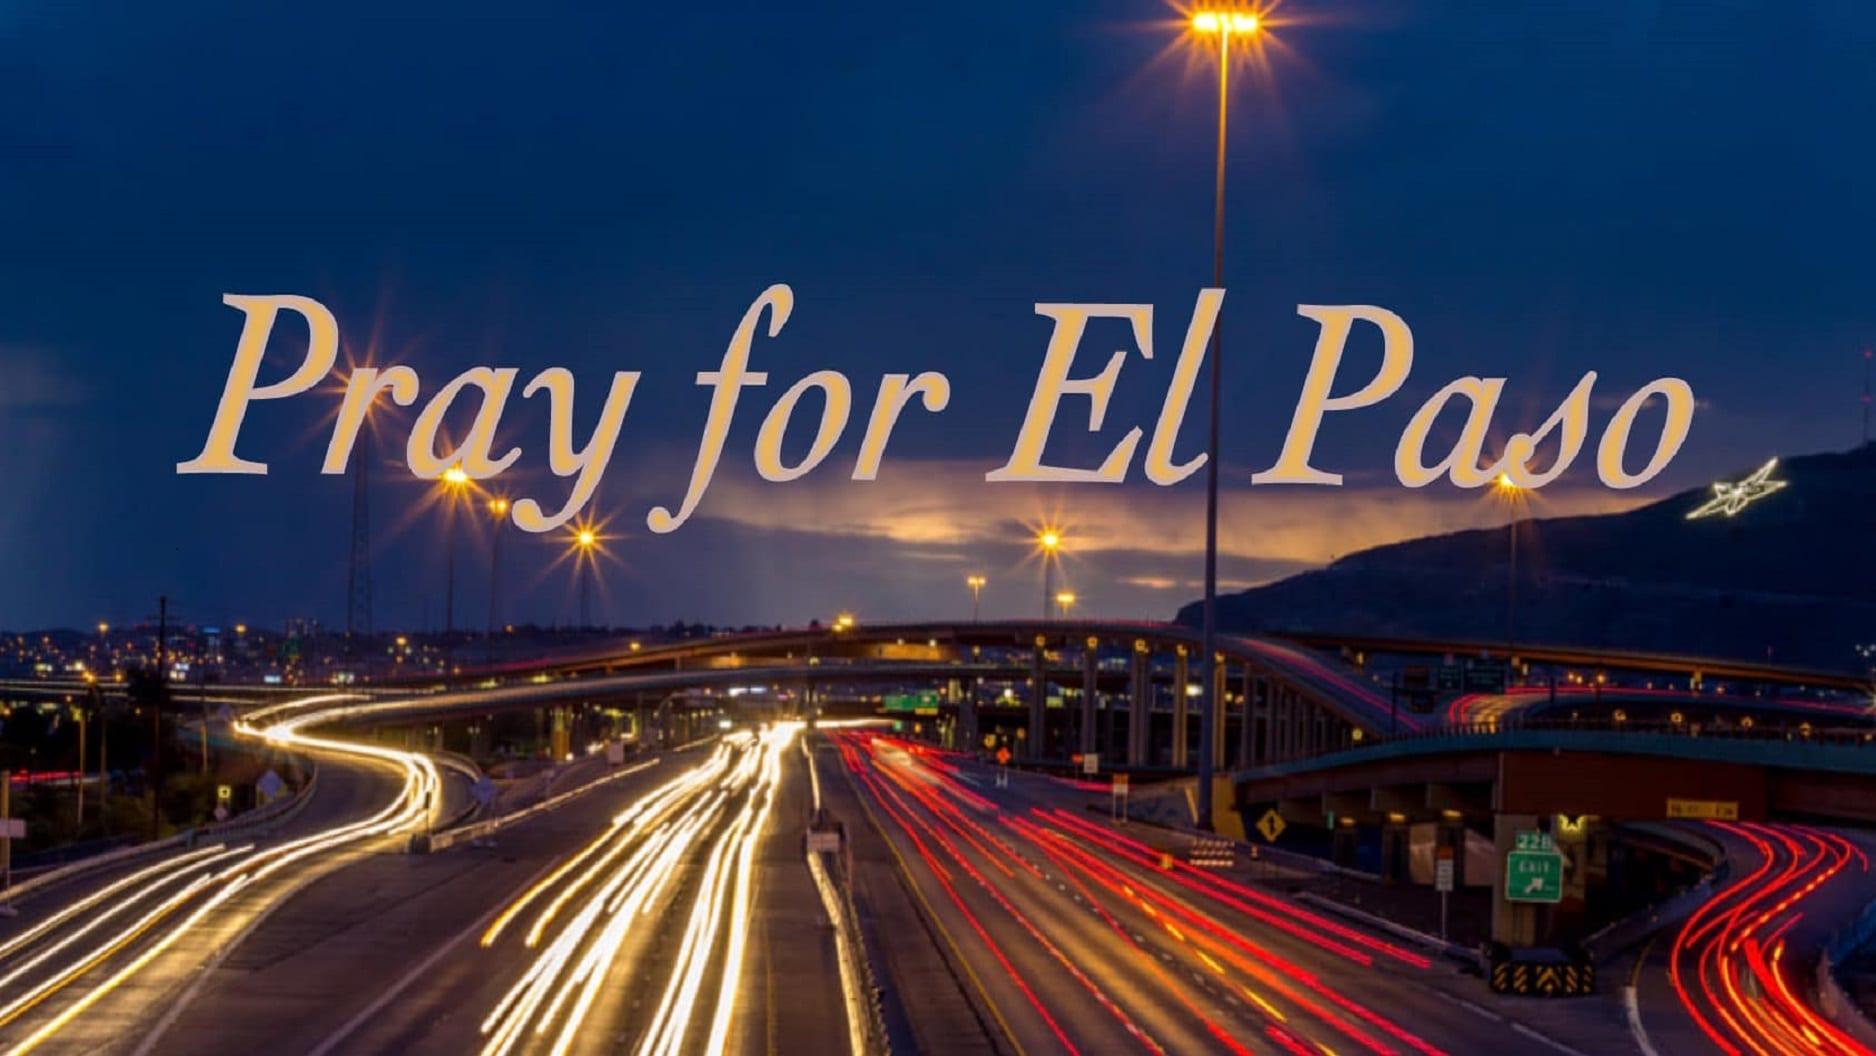 HELP THE CITY OF EL PASO